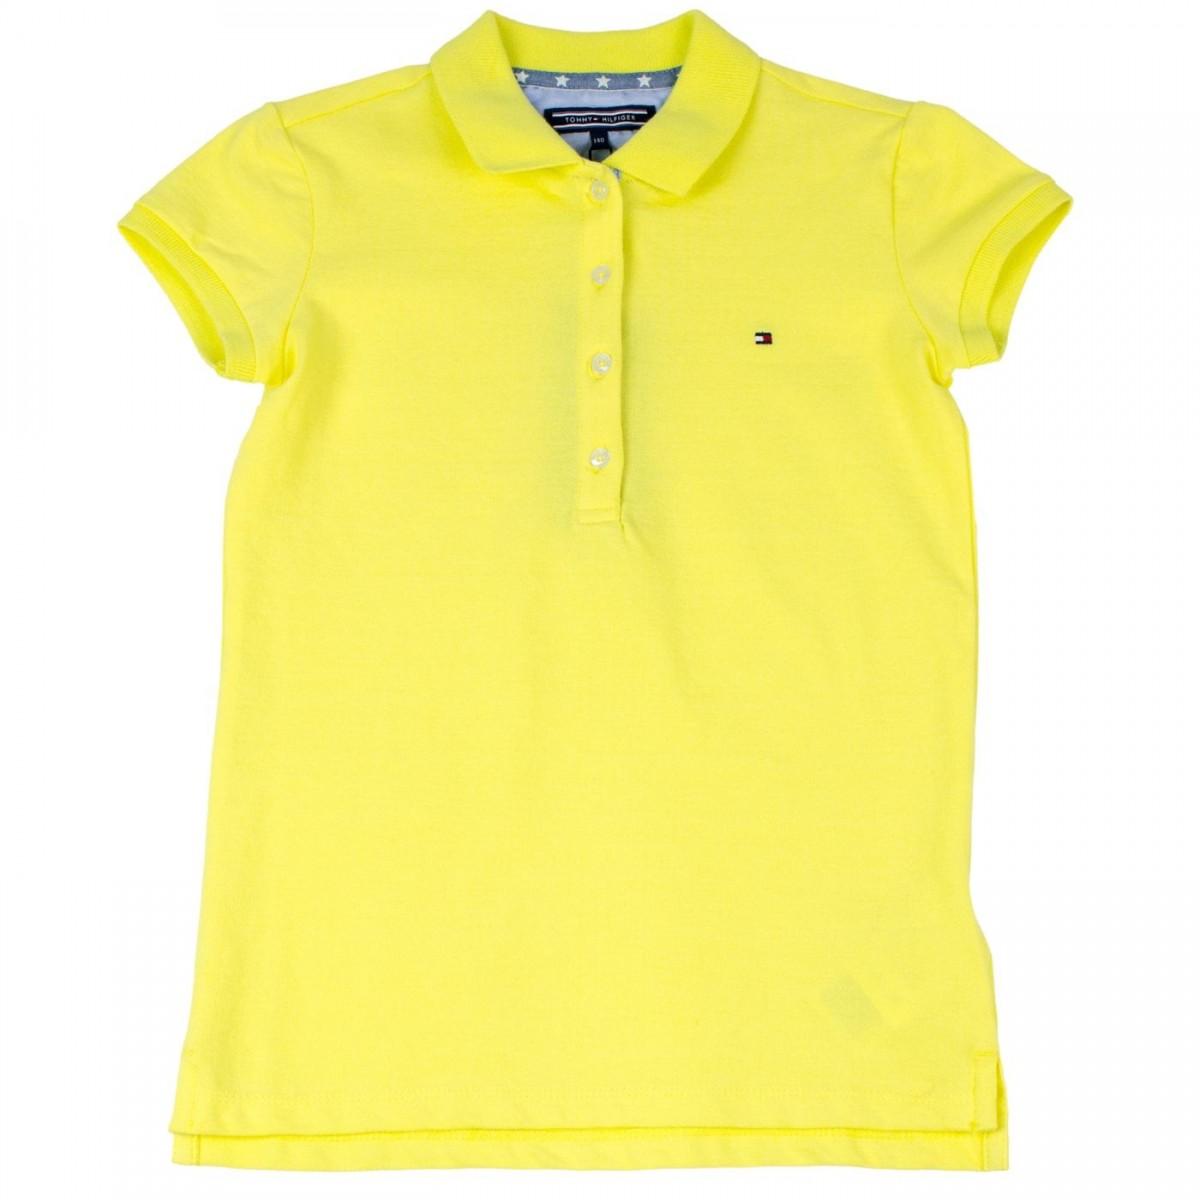 Camisa Polo Infantil Feminina Tommy Hilfiger Thkkg0p29345 Amarelo